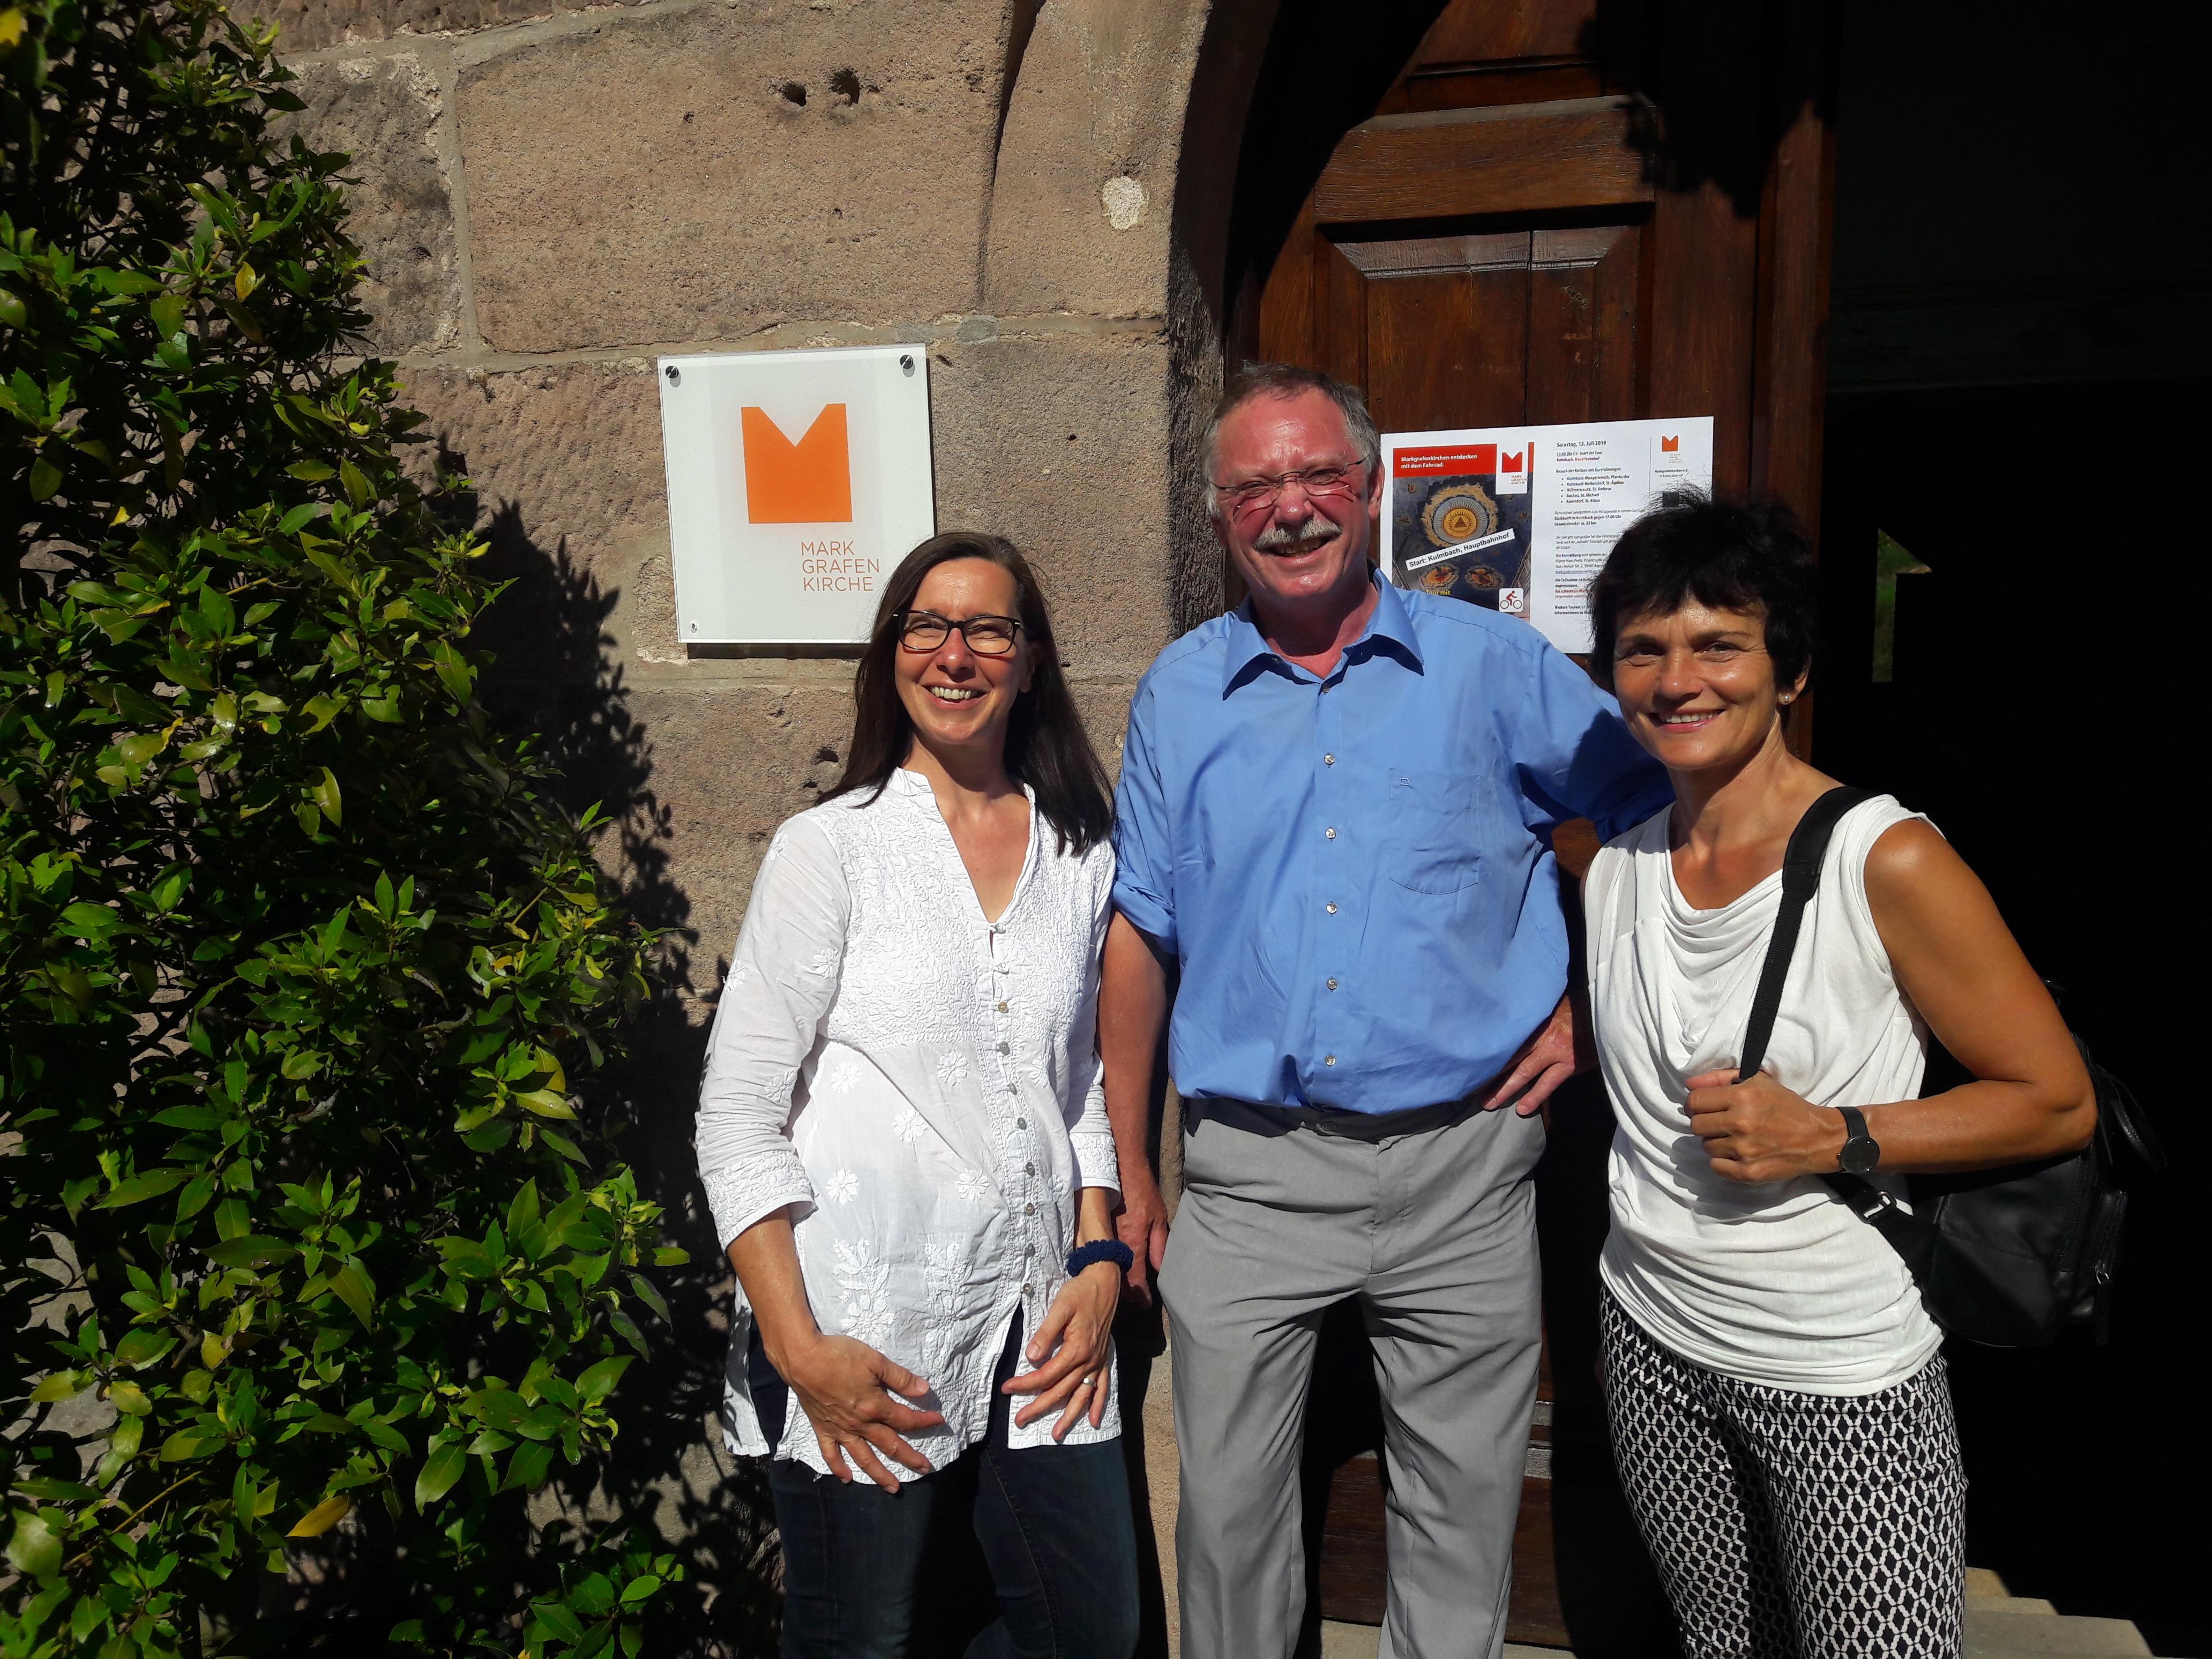 Vor der Pfarrkirche in Kulmbach-Mangersreuth Das LEADER-Team v. l. n. r.: Jutta Geyrhalter, Hans Peetz, Ute Steininger